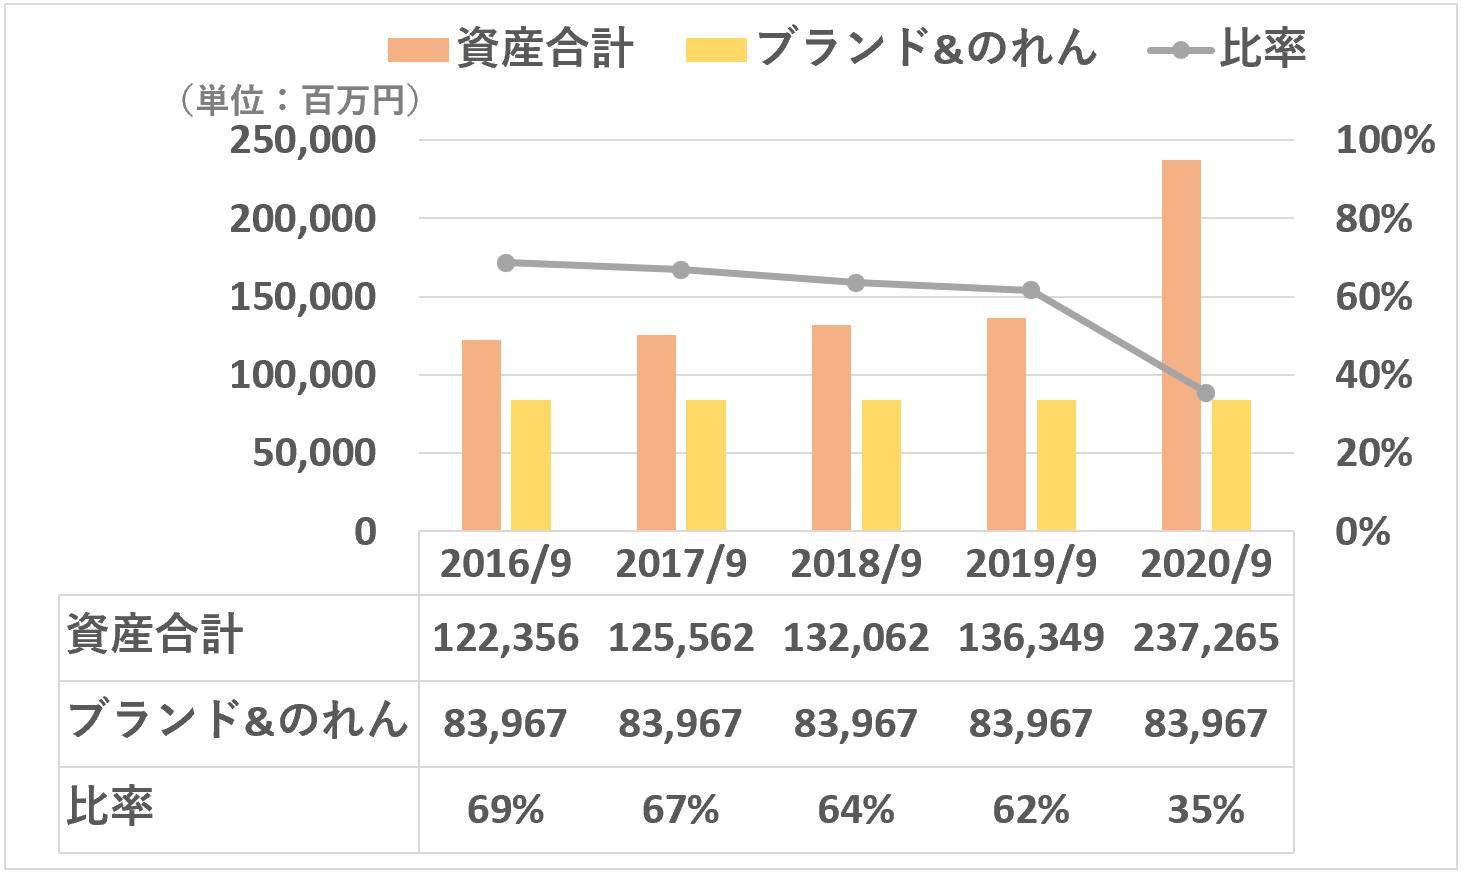 スシロー:ブランド&のれんの資産合計に対する比率